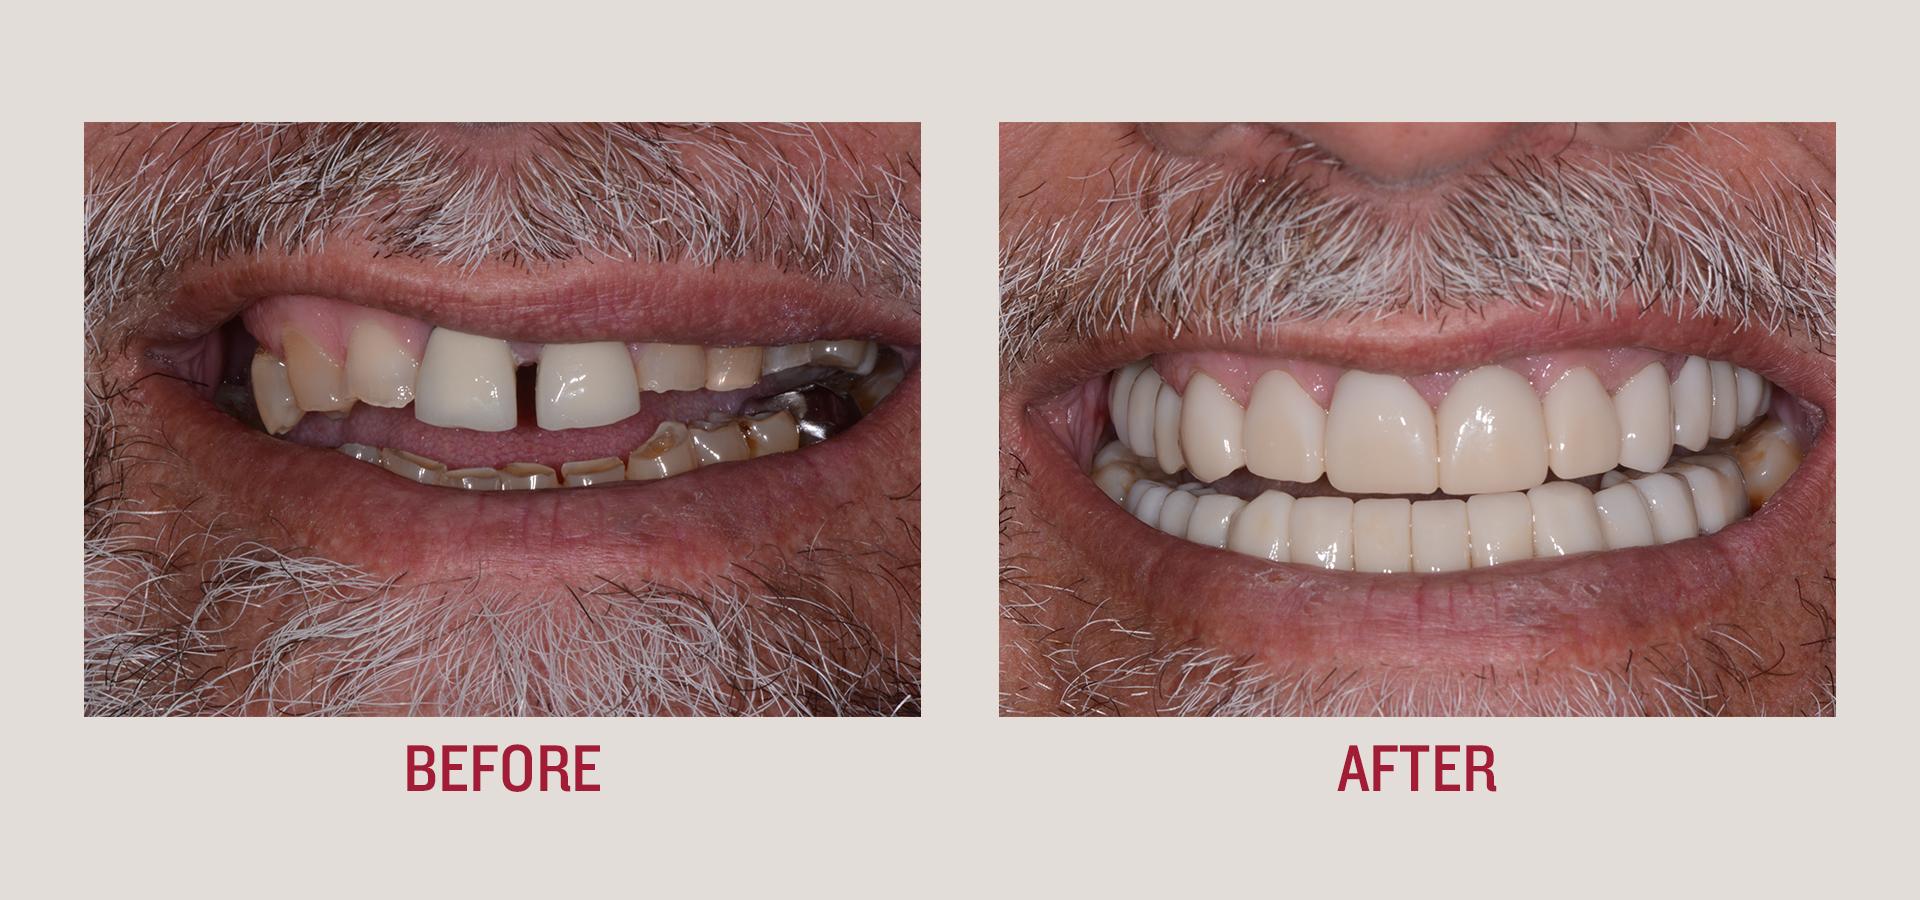 Dental Implants/Smile Makeover